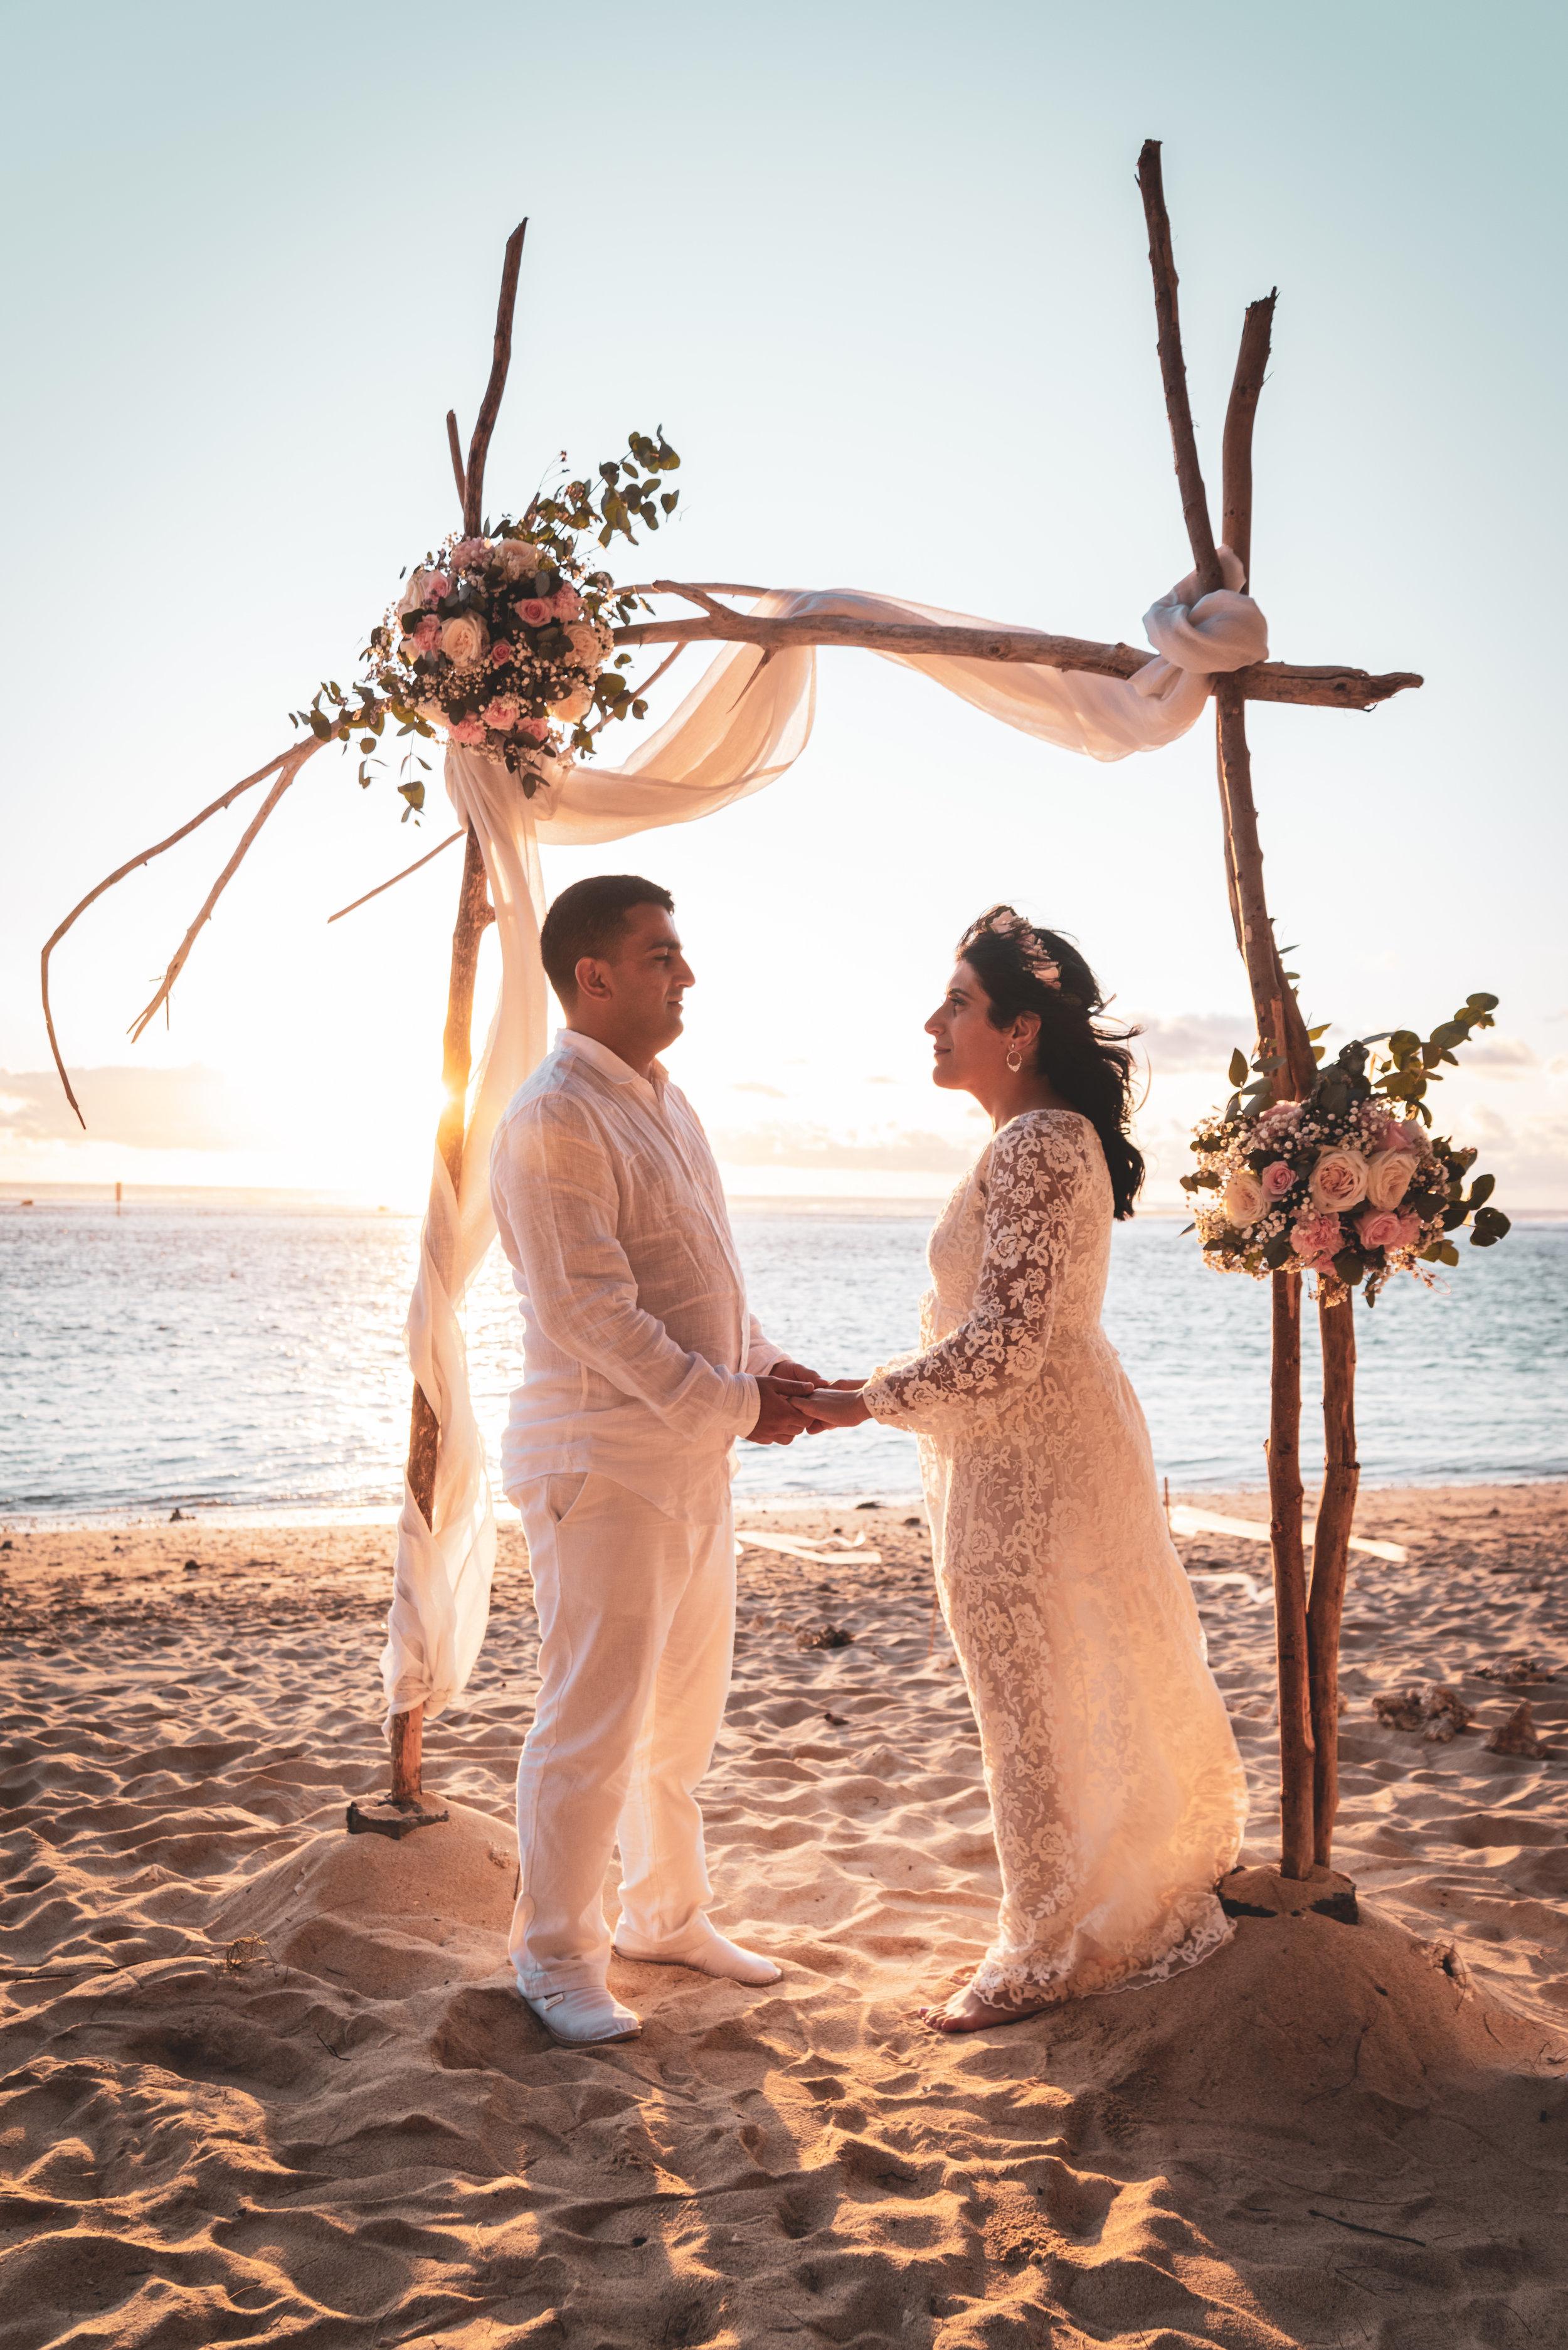 """""""Elopement"""" - L'elopement désigne le fait de se marier en catimini. Exit le mariage traditionnel avec des centaines d'invités, les couples décident de se marier en petit comité et c'était le choix de nos mariés D & F."""